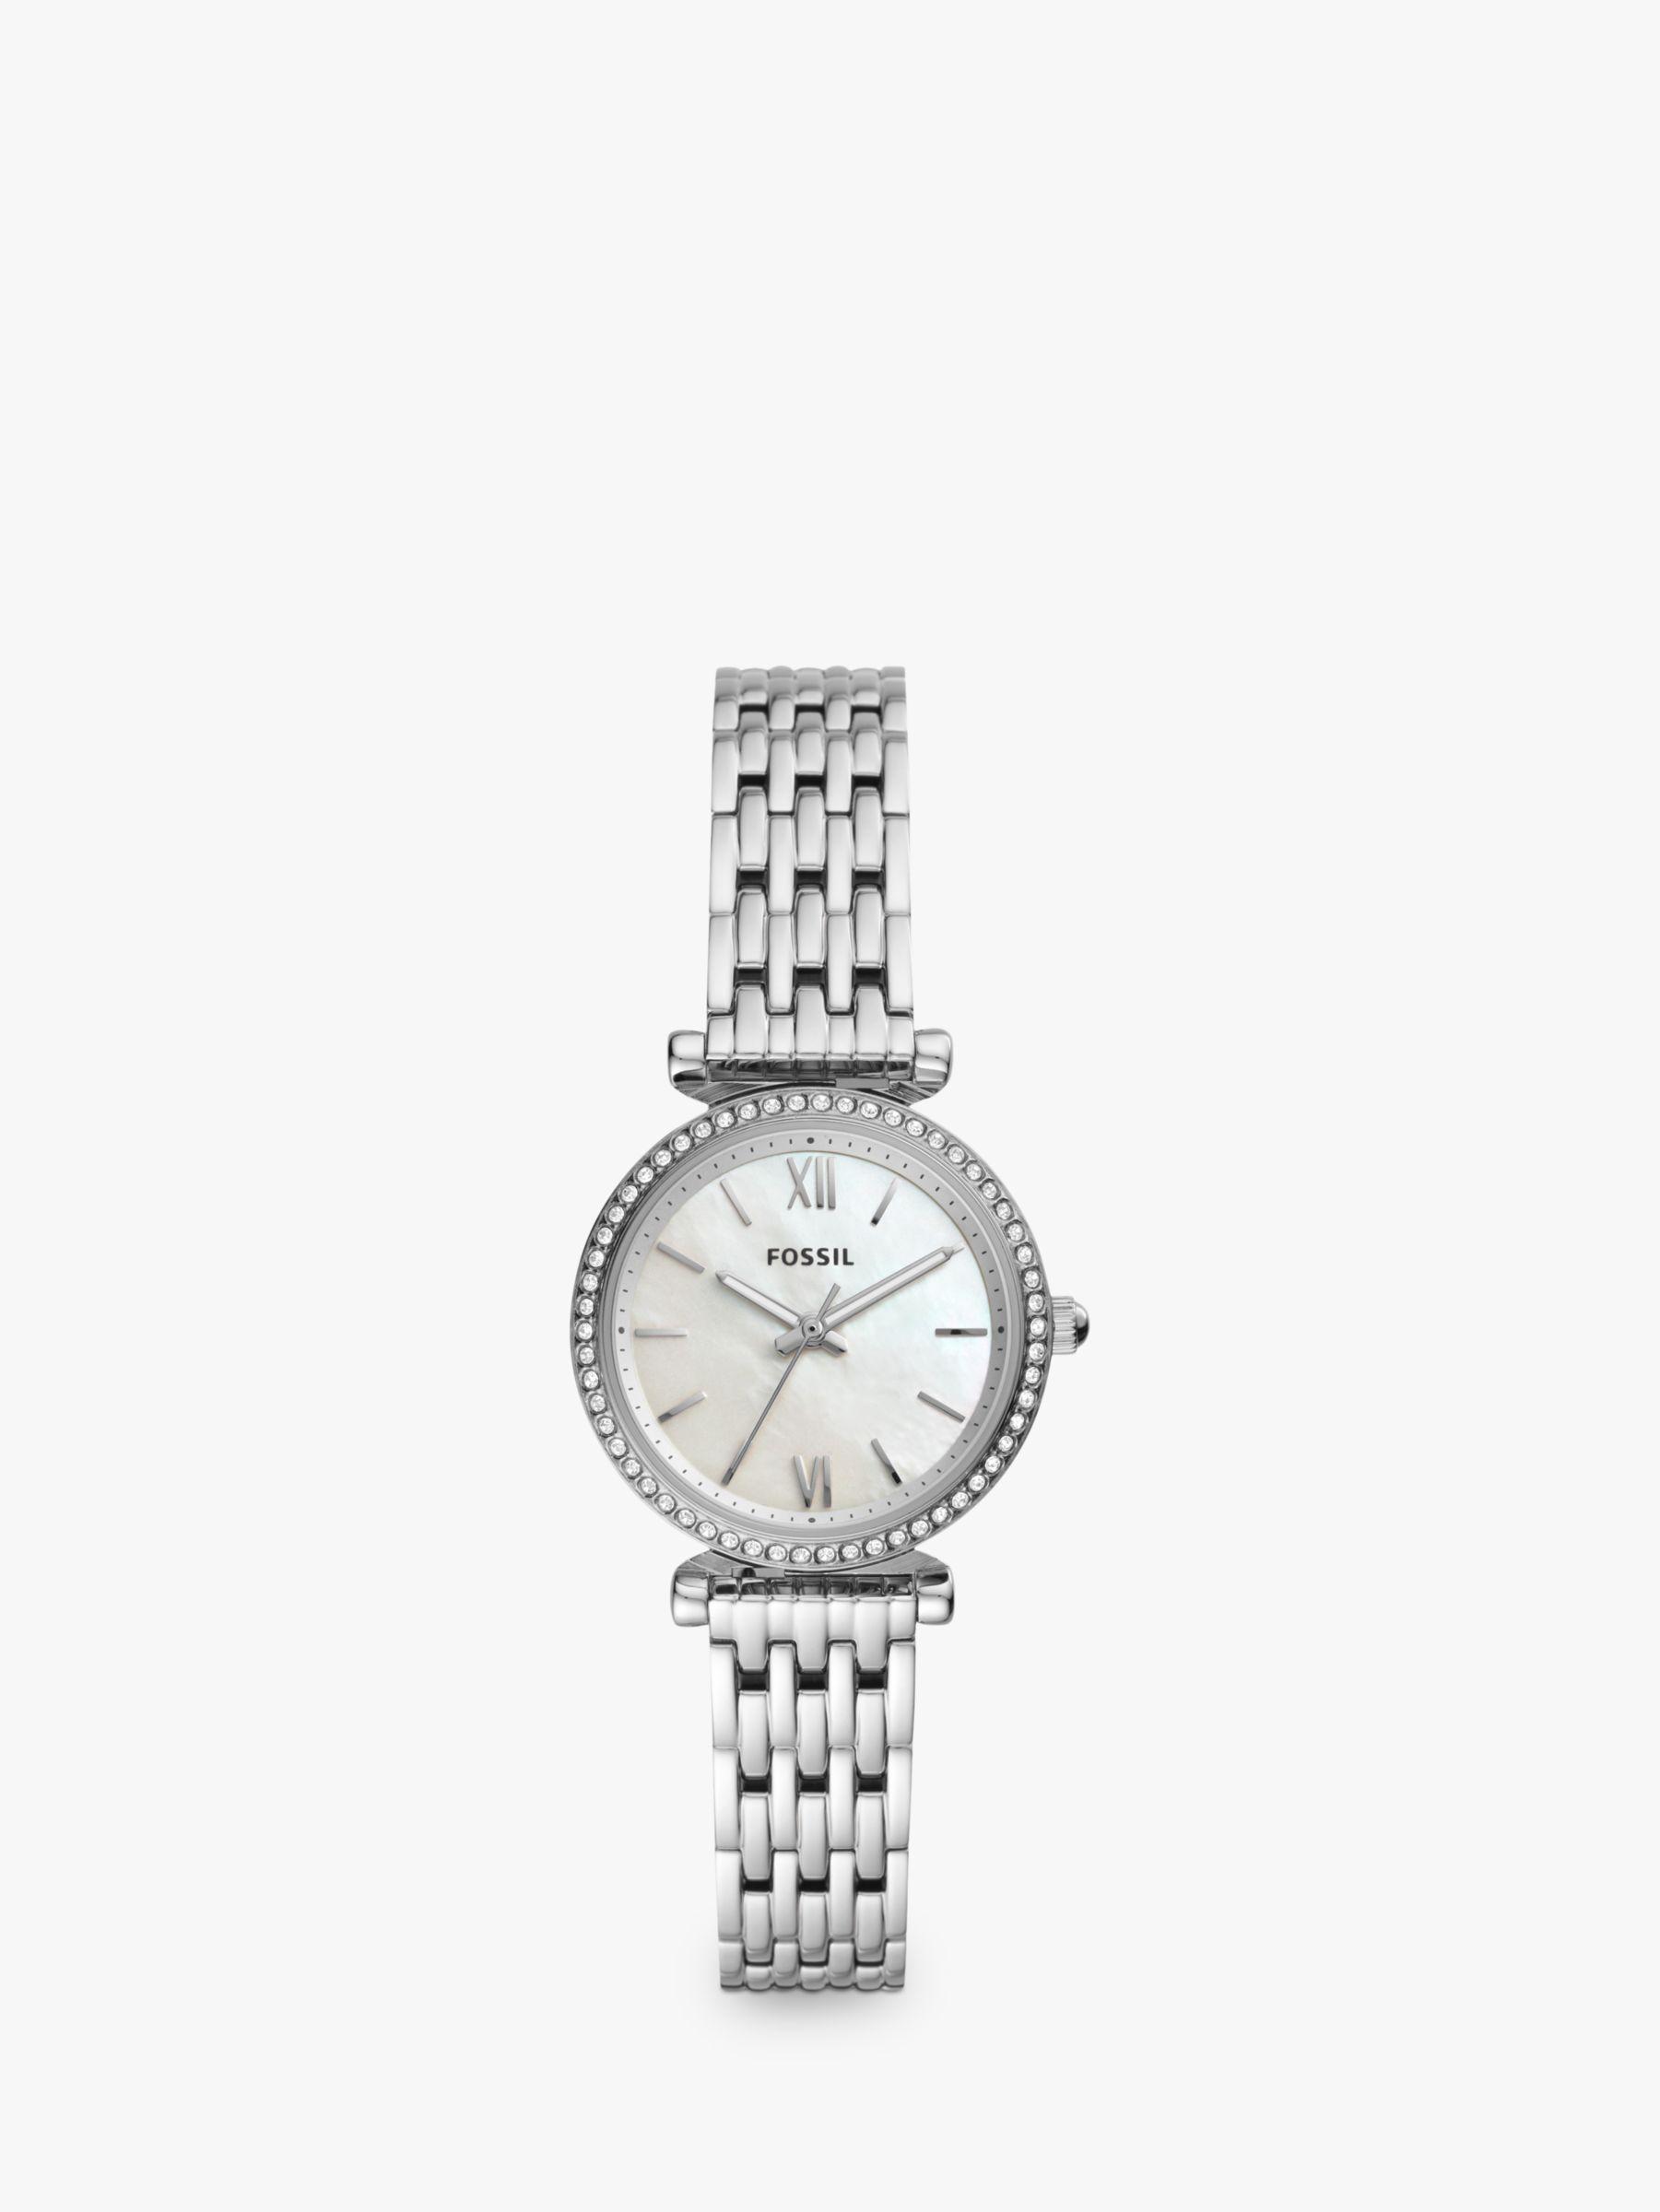 Fossil Fossil Women's Carlie Crystal Bracelet Strap Watch